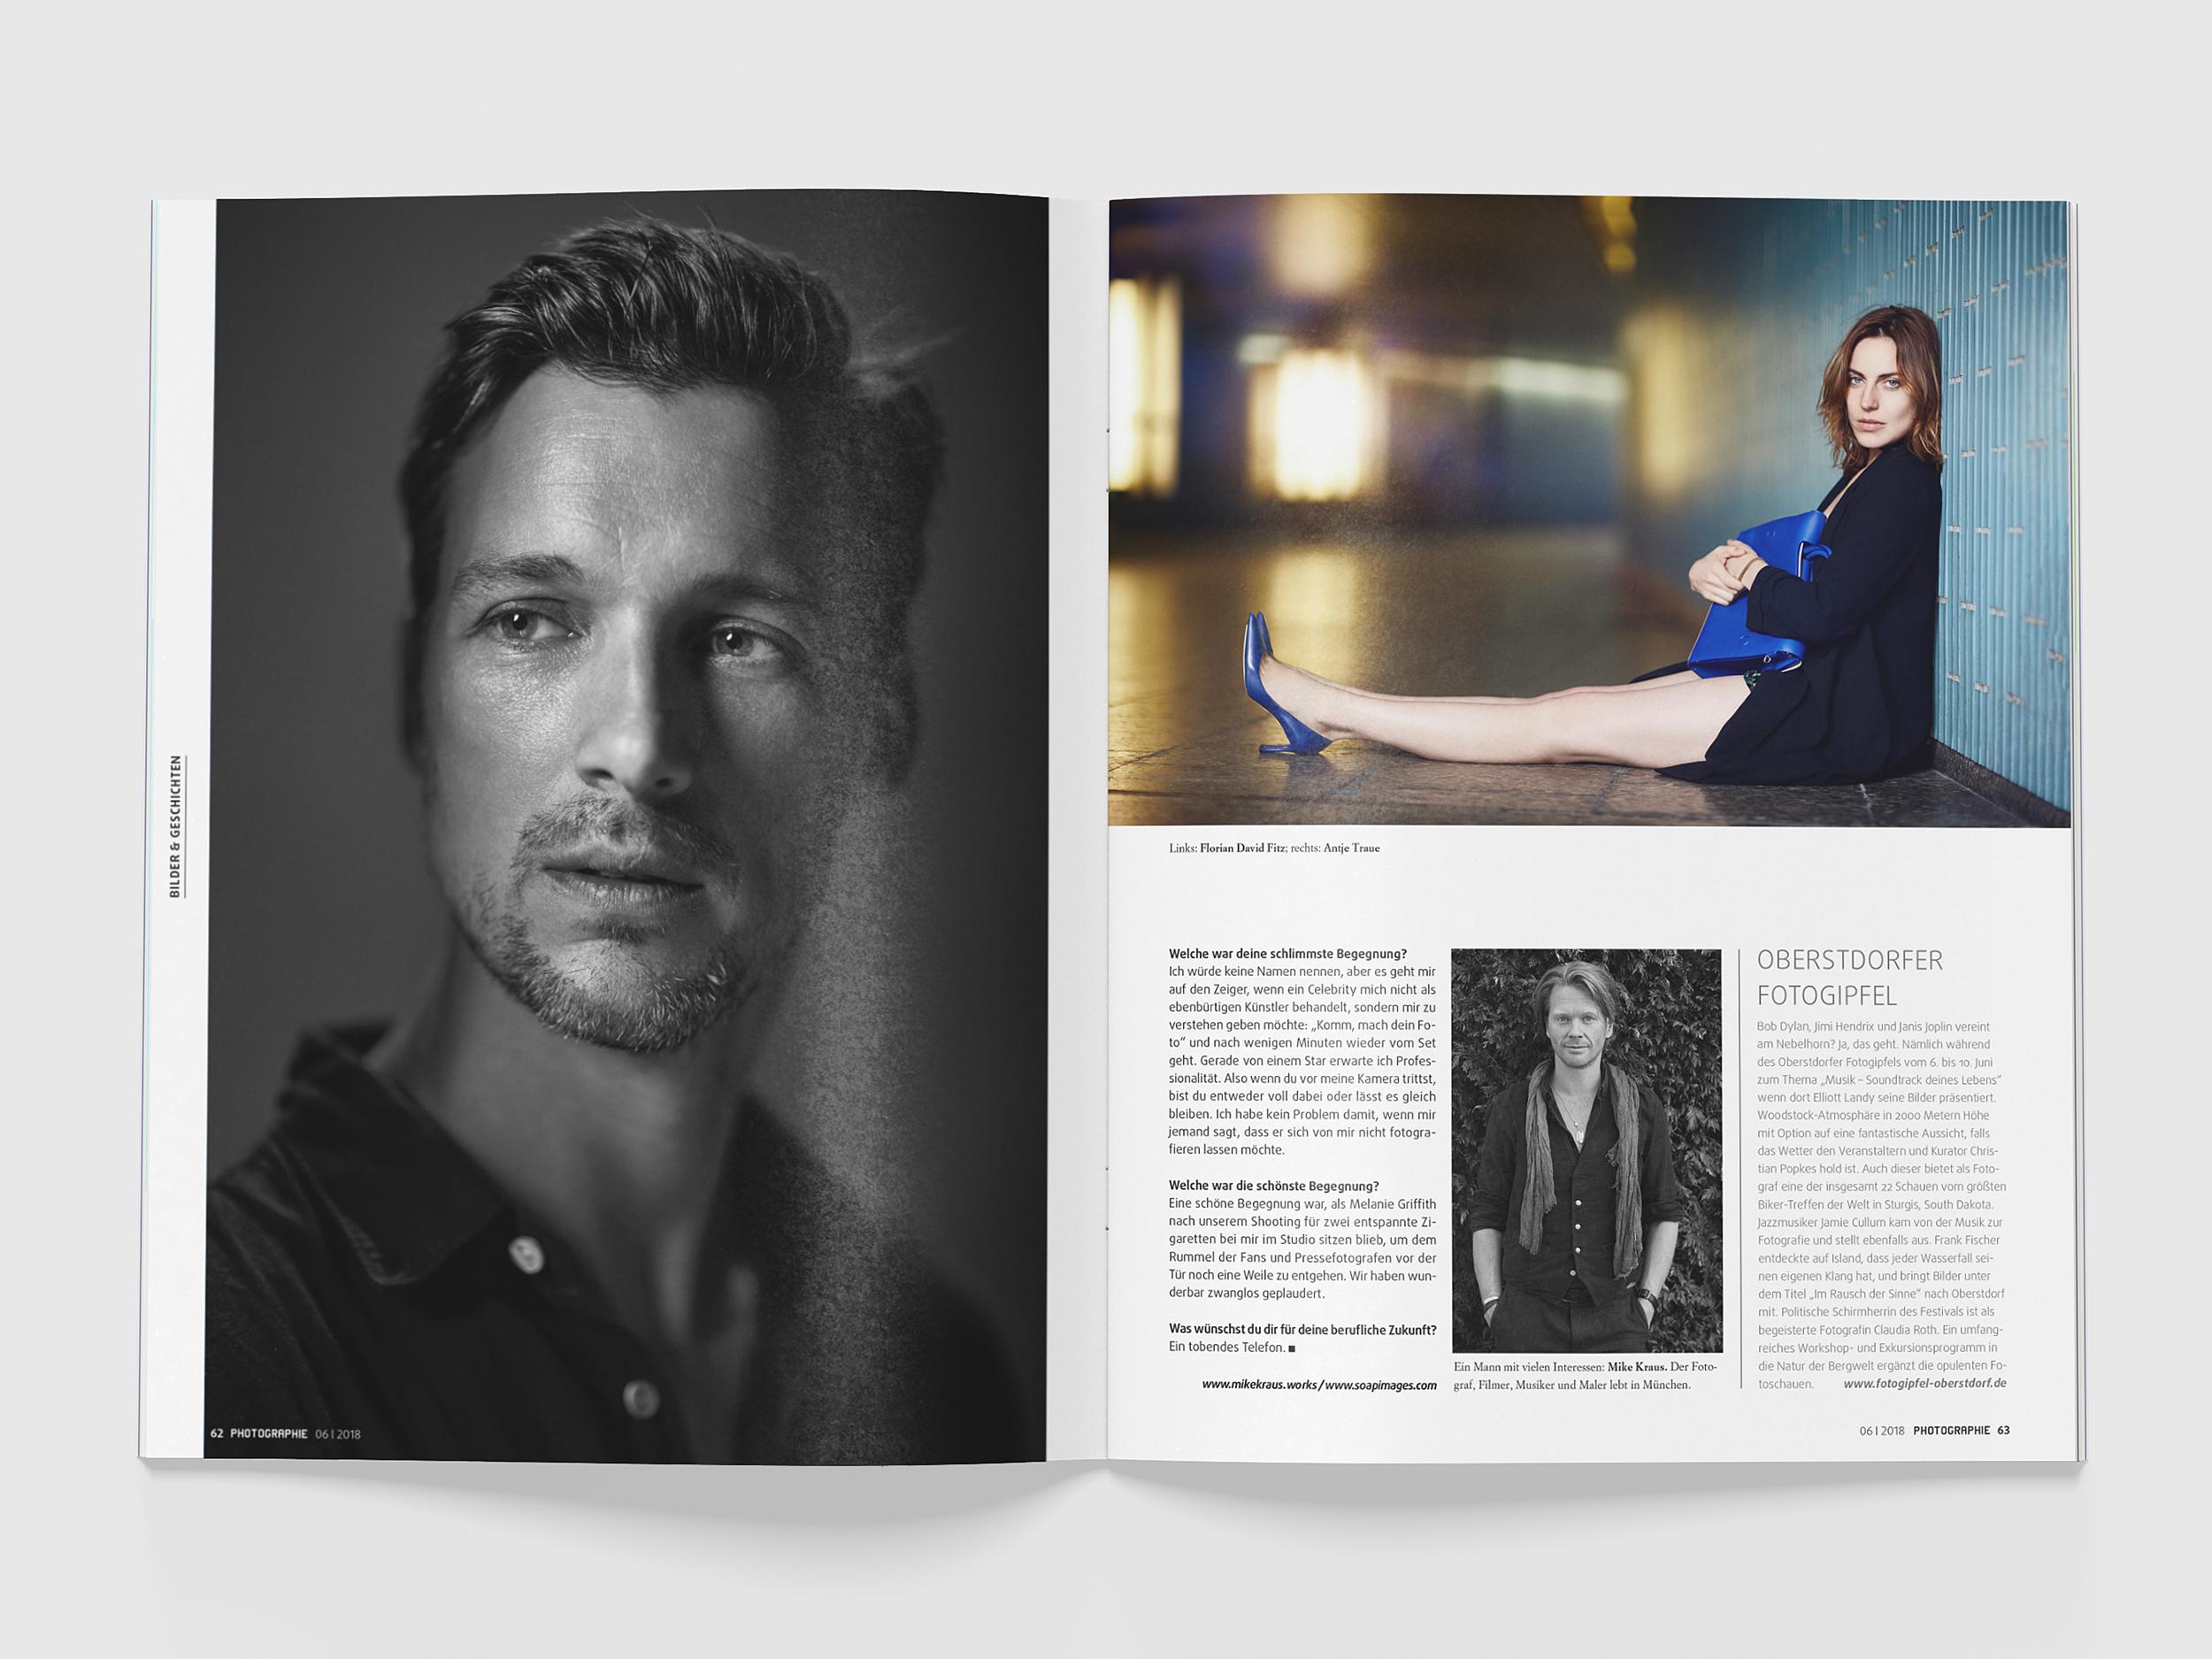 Photographie-Magazin_Soapimages_2500_003_oWZ.jpg